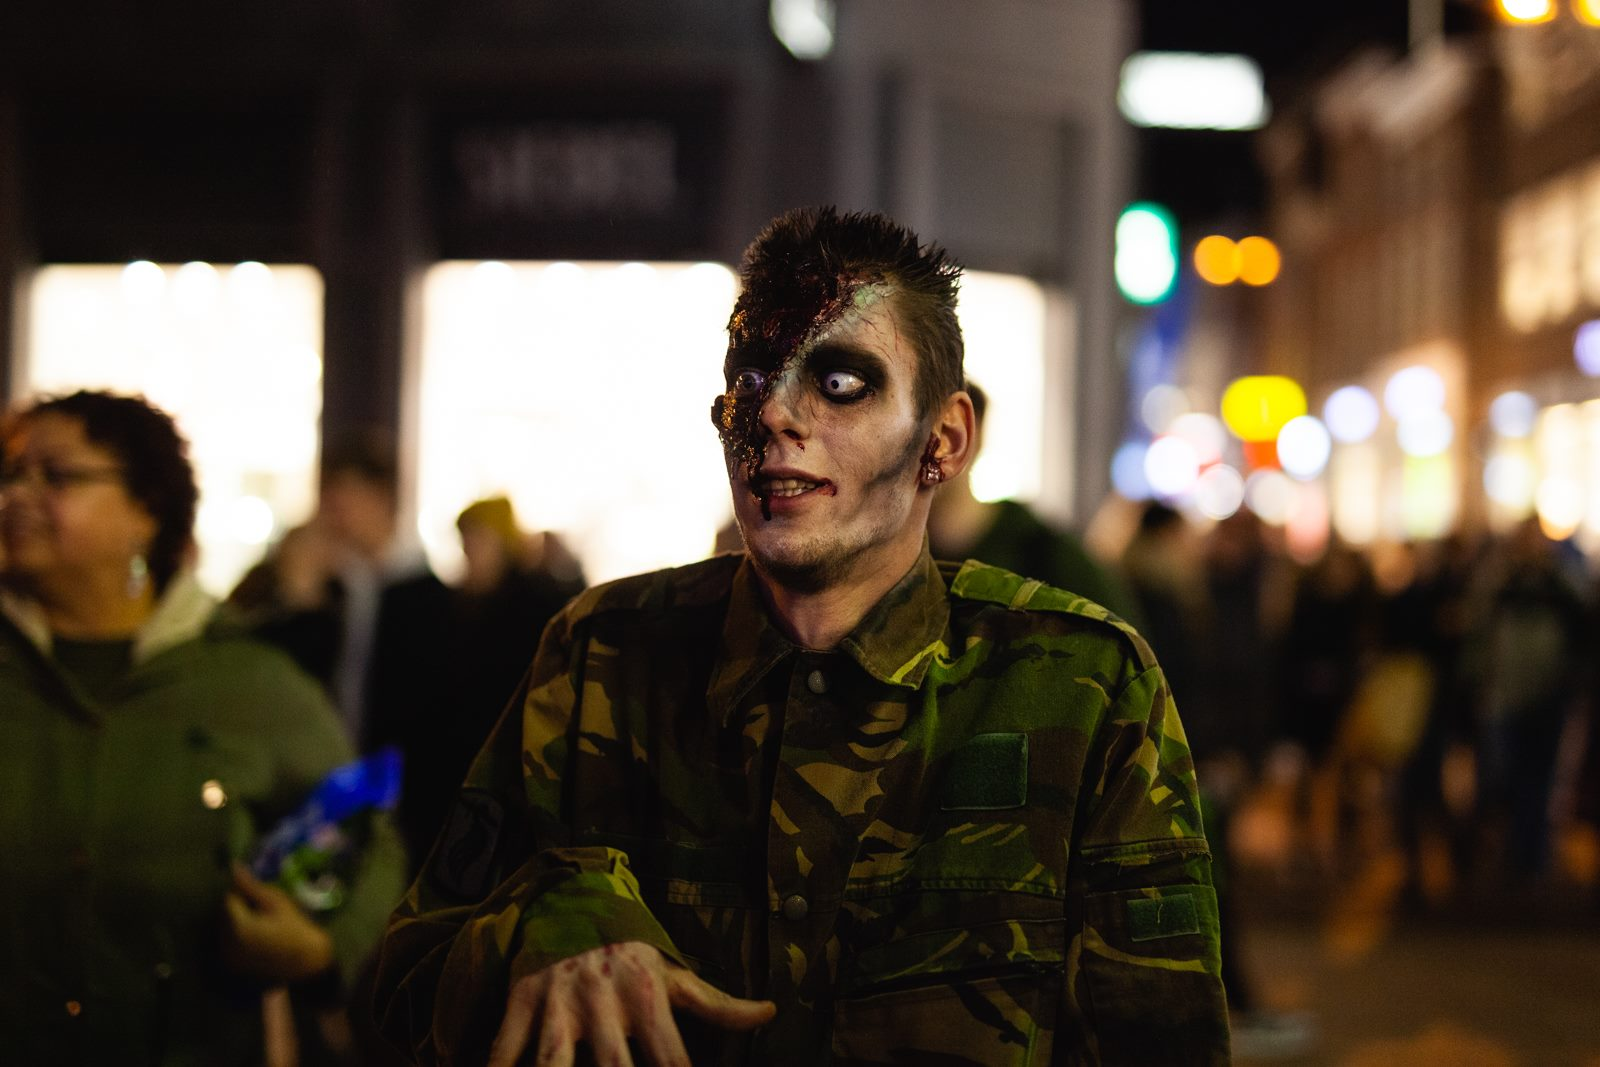 Marjolein Regterschot Zombiewalkarnhem